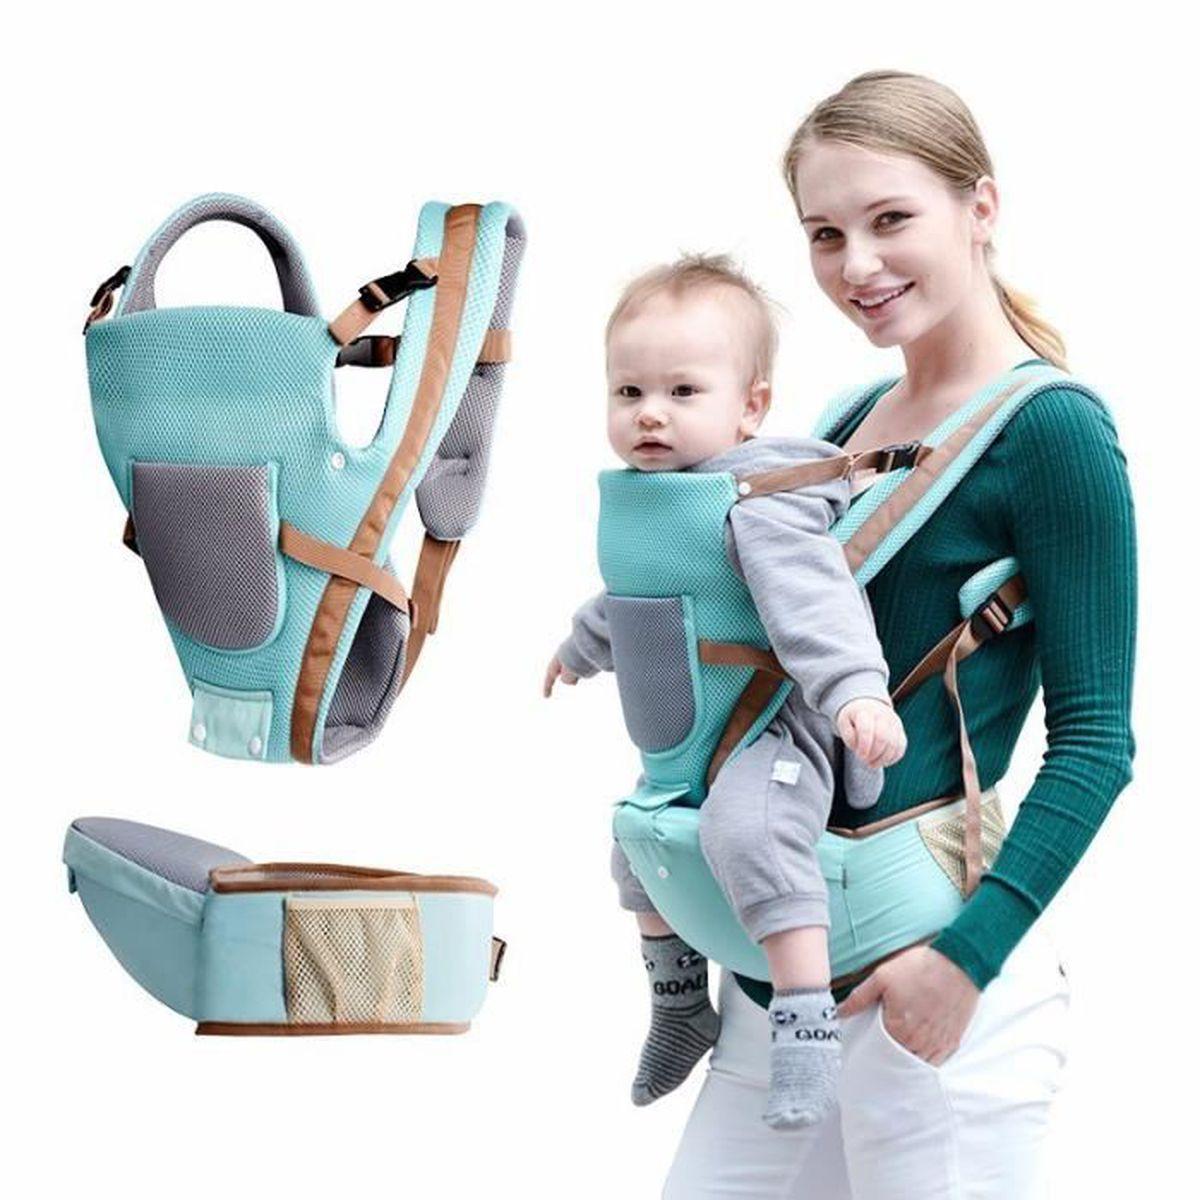 90d726acb8f Porte bébé ventral et dorsal Haute qualité Bleu – Confort